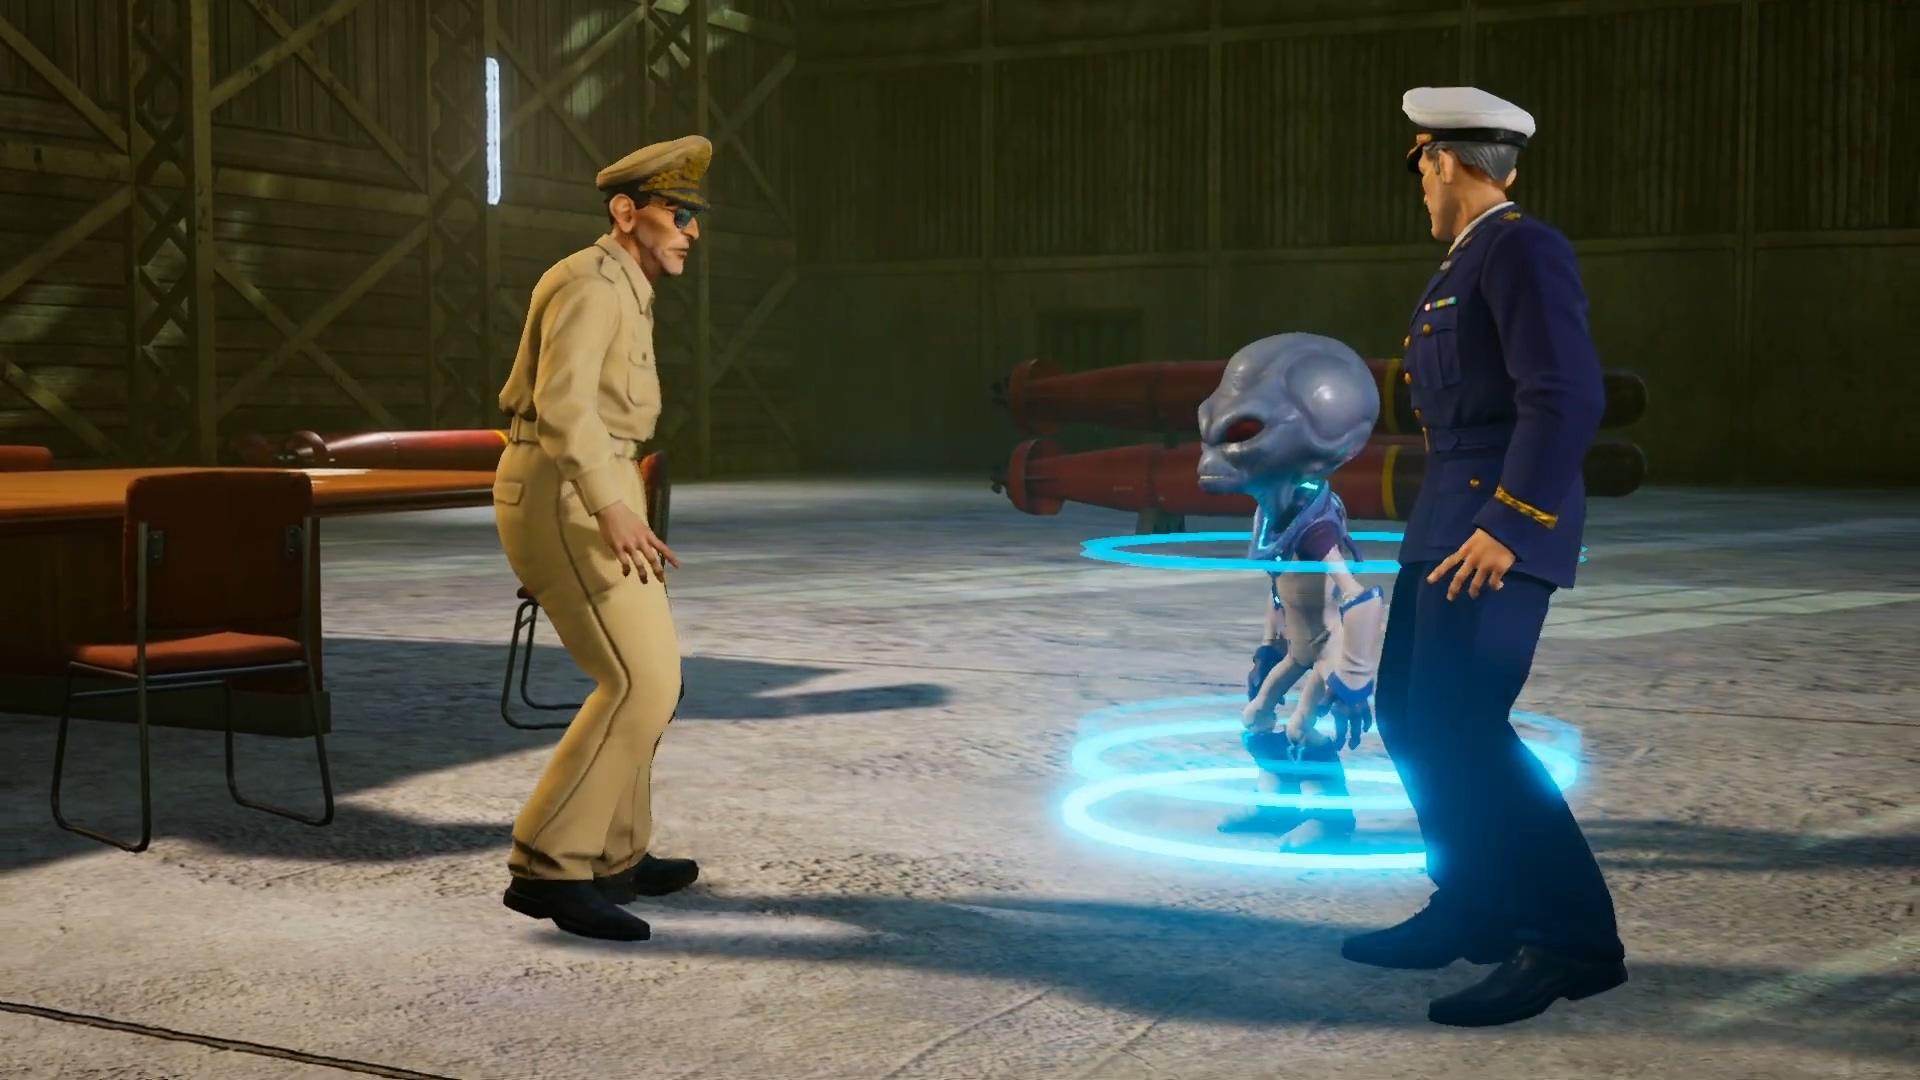 《毁灭全人类:重制版》新预告 外星人变身军队领导